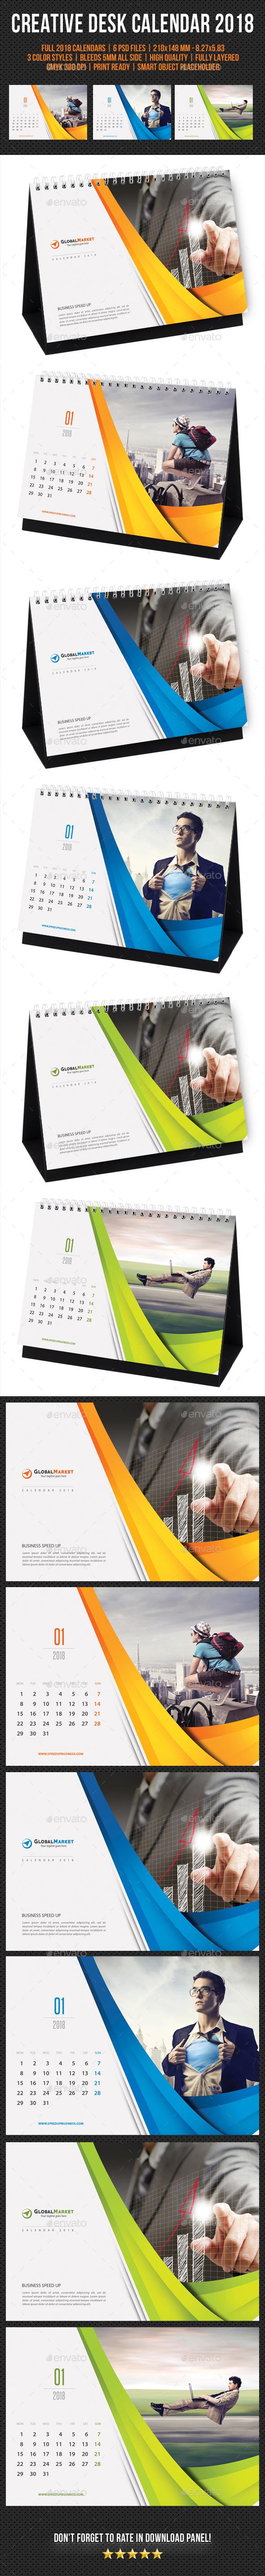 Creative Desk Calendar 2018 V11 - Calendars Stationery